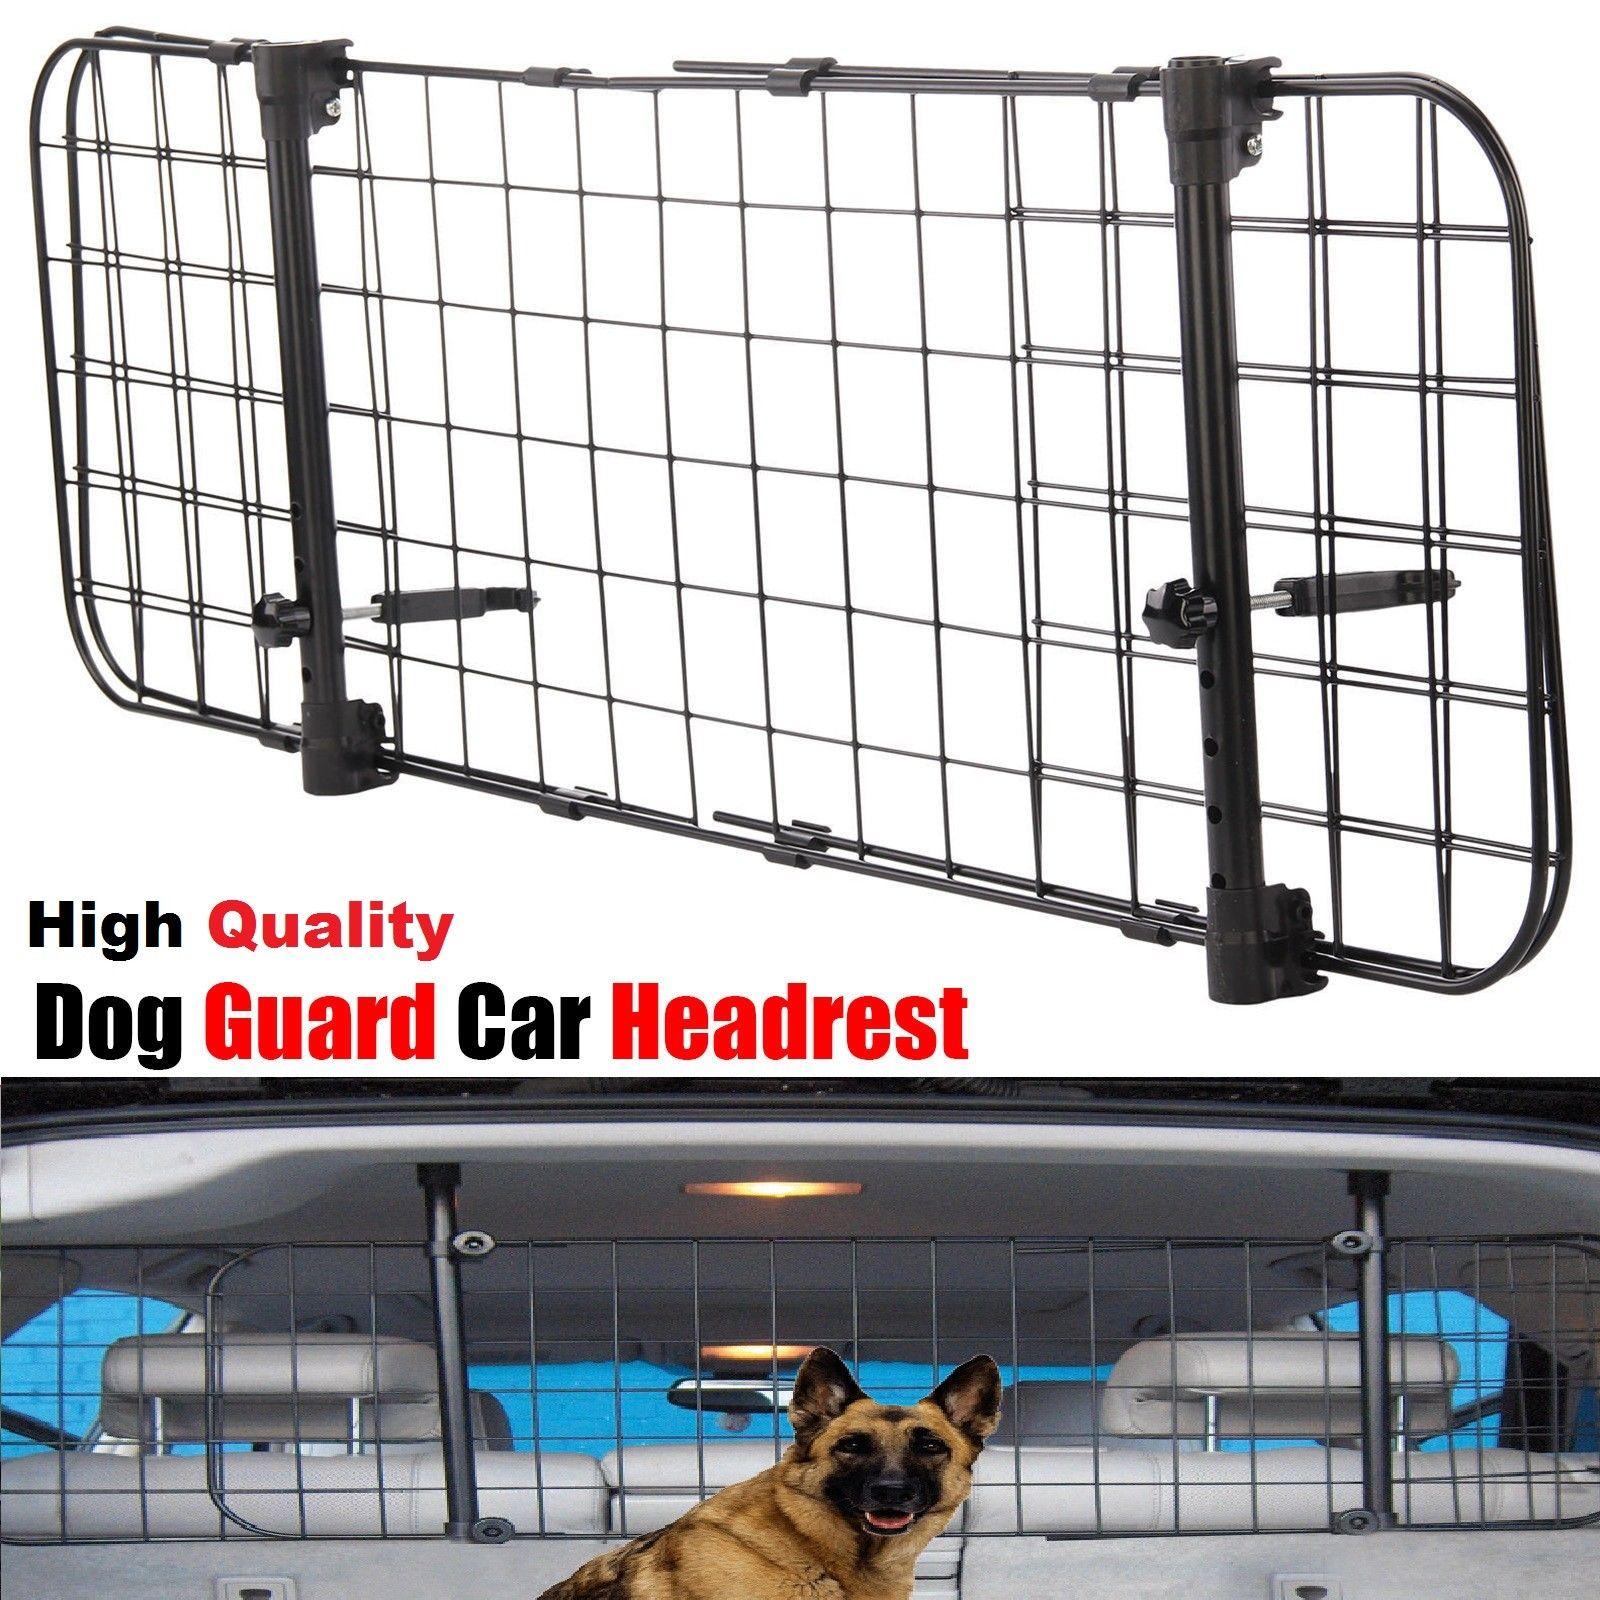 Universal Dog Guard Adjustable Safety Travel Dog Pet Headrest Car Mesh Barrier J